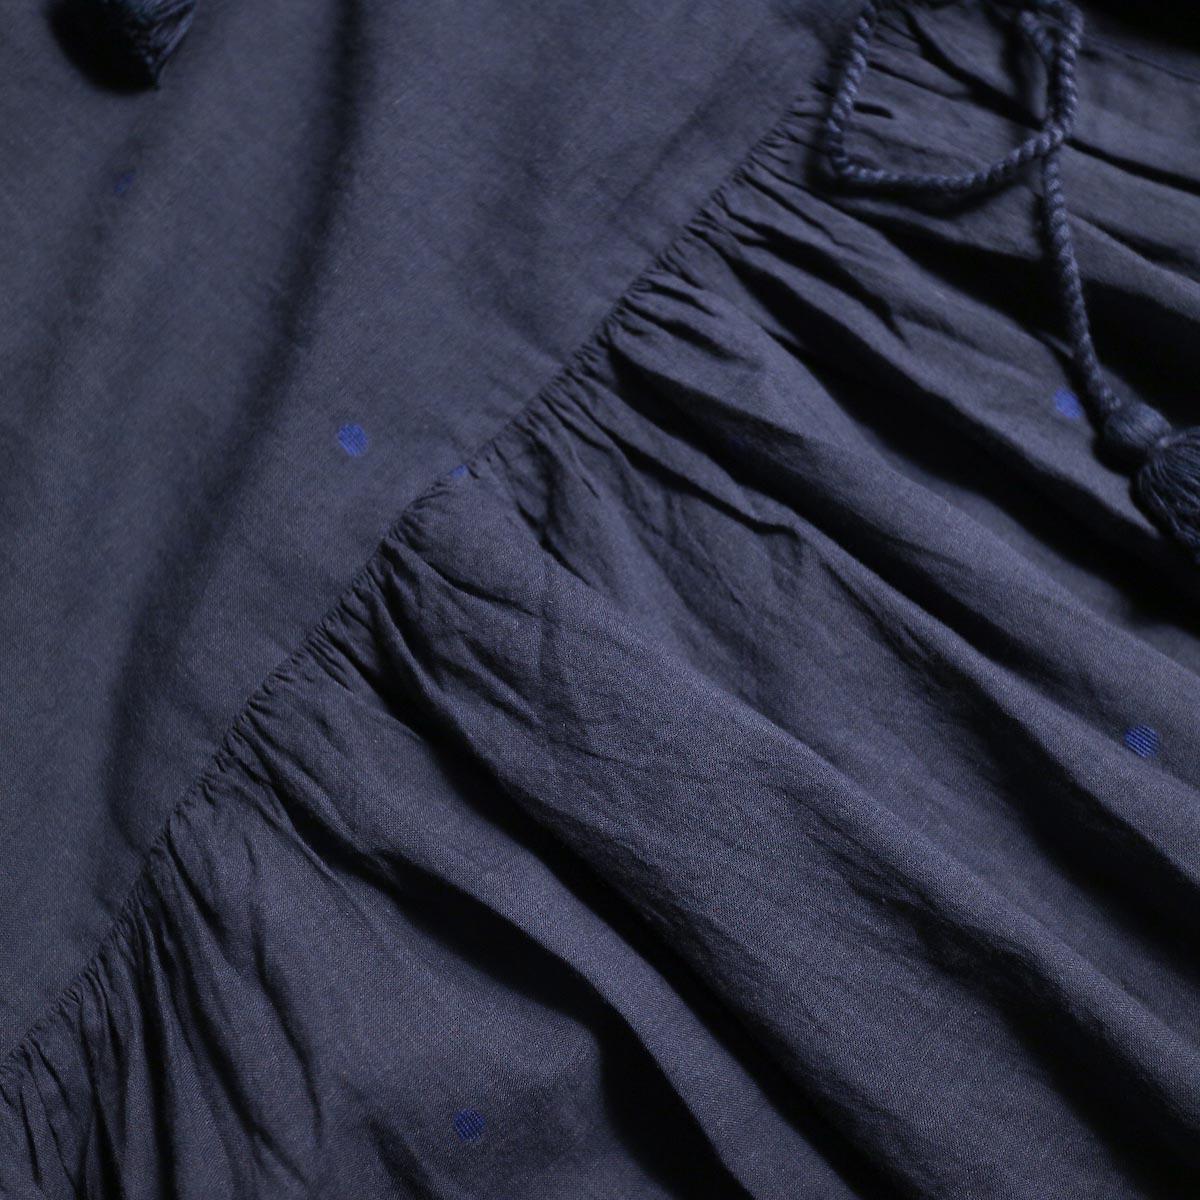 maison de soil / CACHE COEUR DRESS (NAVY/BLUEDOT)ドット、ギャザー